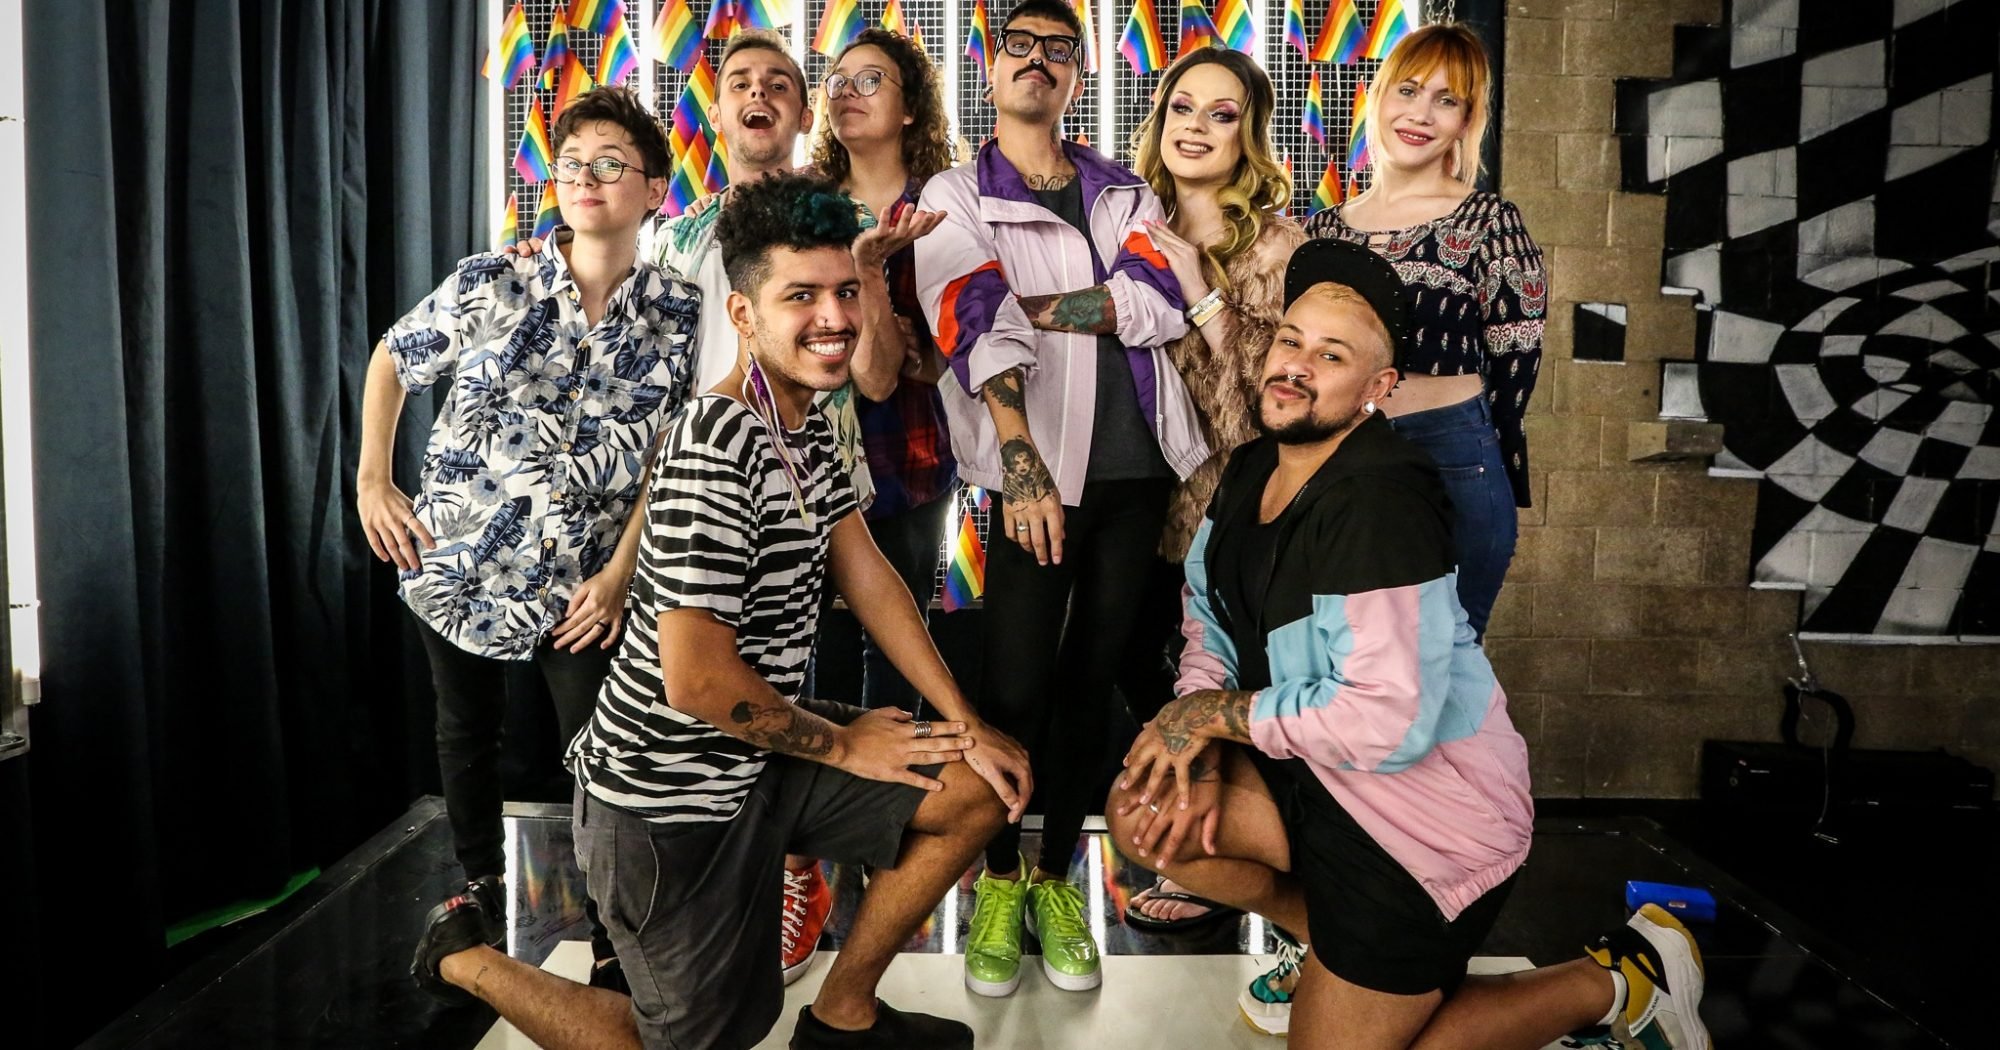 Parada do Orgulho LGBT vai ser transmitida ao vivo pelo youtube